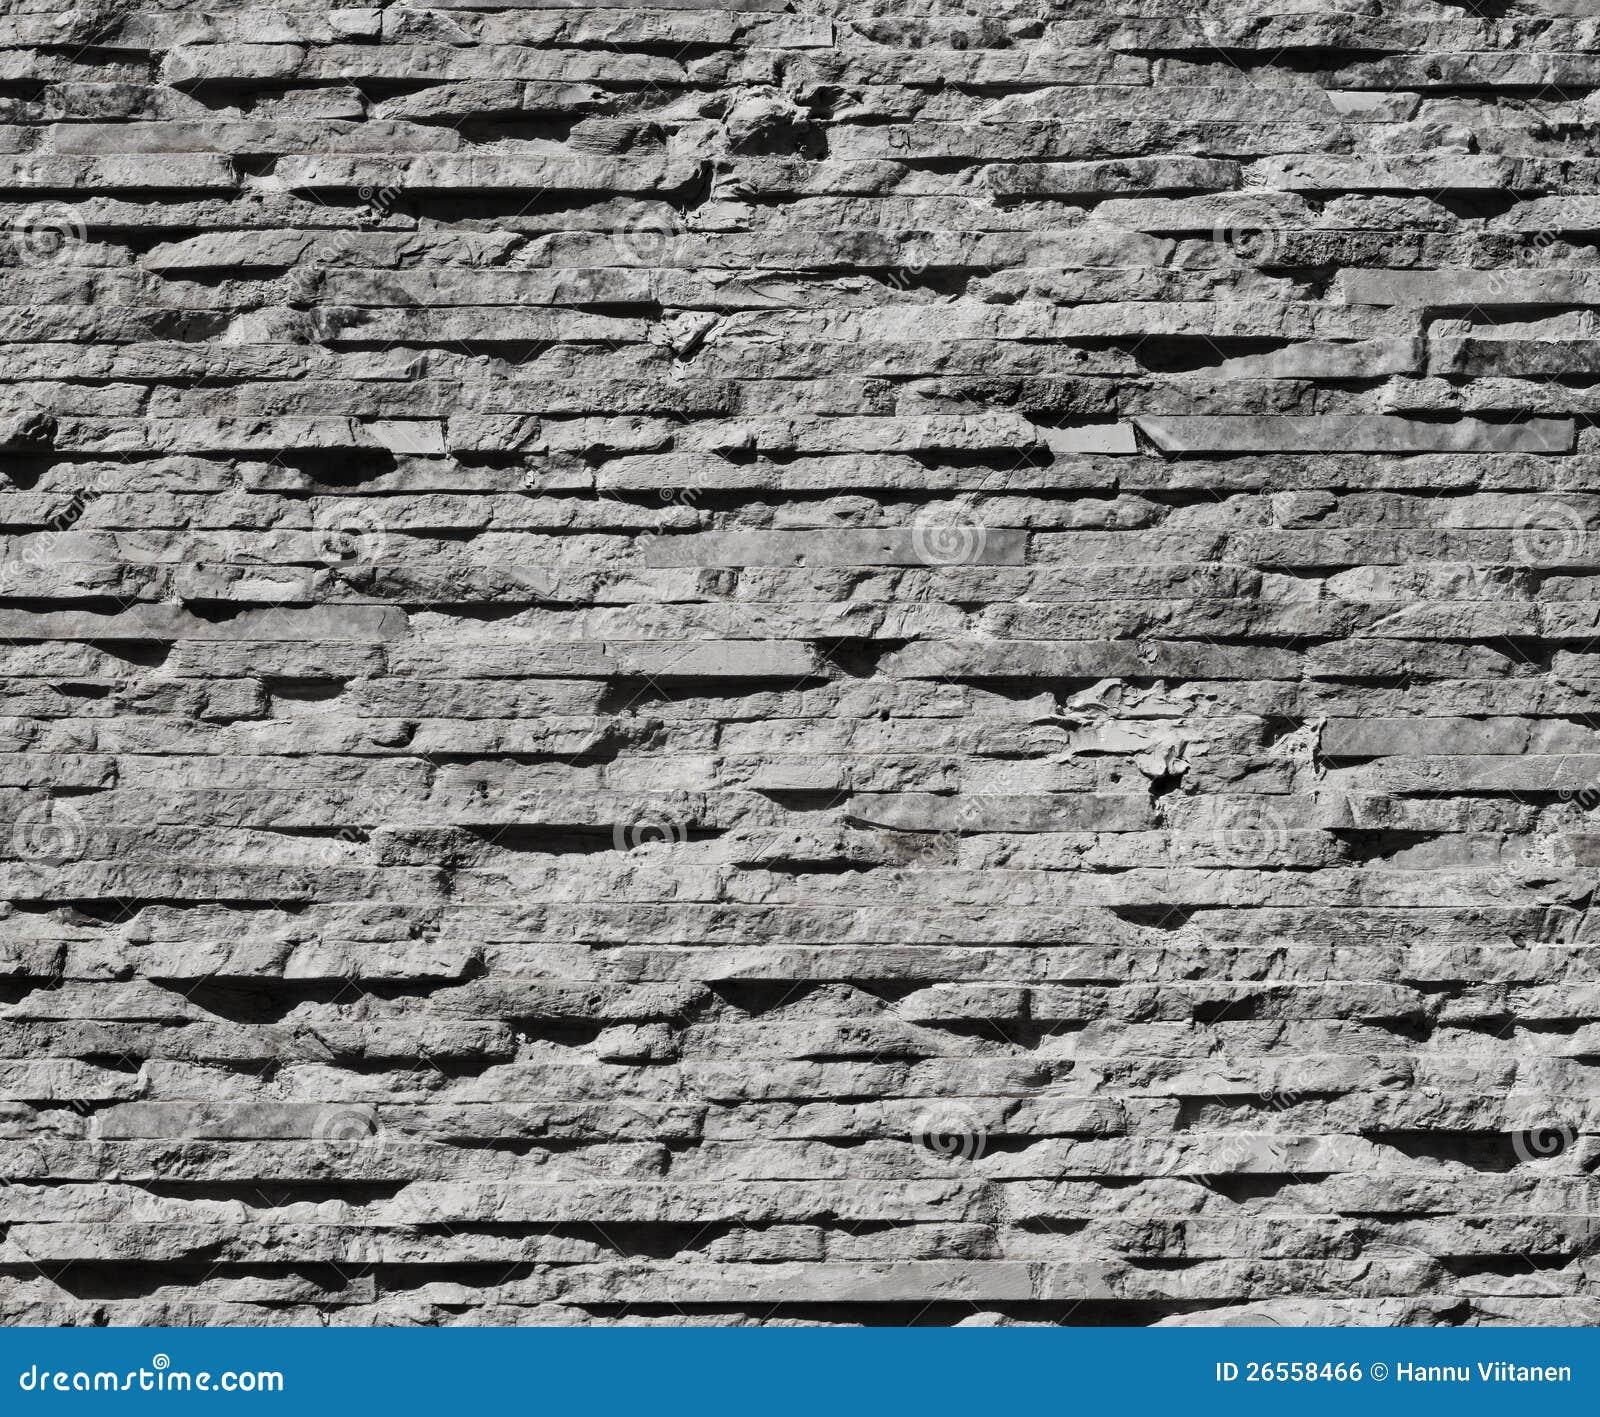 D coration moderne de mur en pierre image libre de droits image 26558466 - Mur en pierre moderne ...